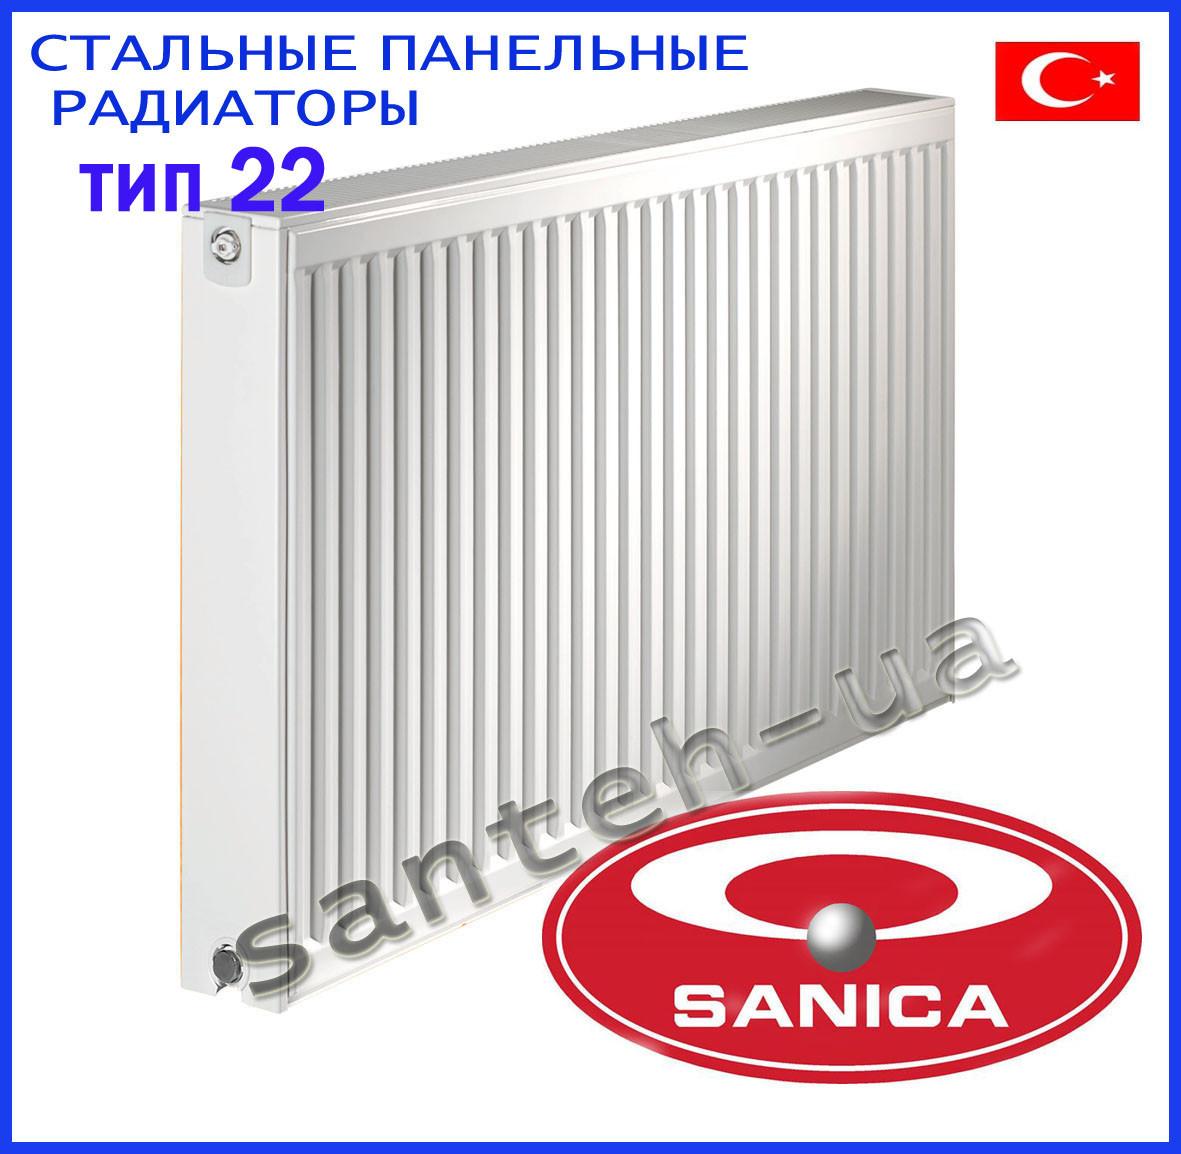 Сталеві панельні радіатори Sanica тип 22 300х400